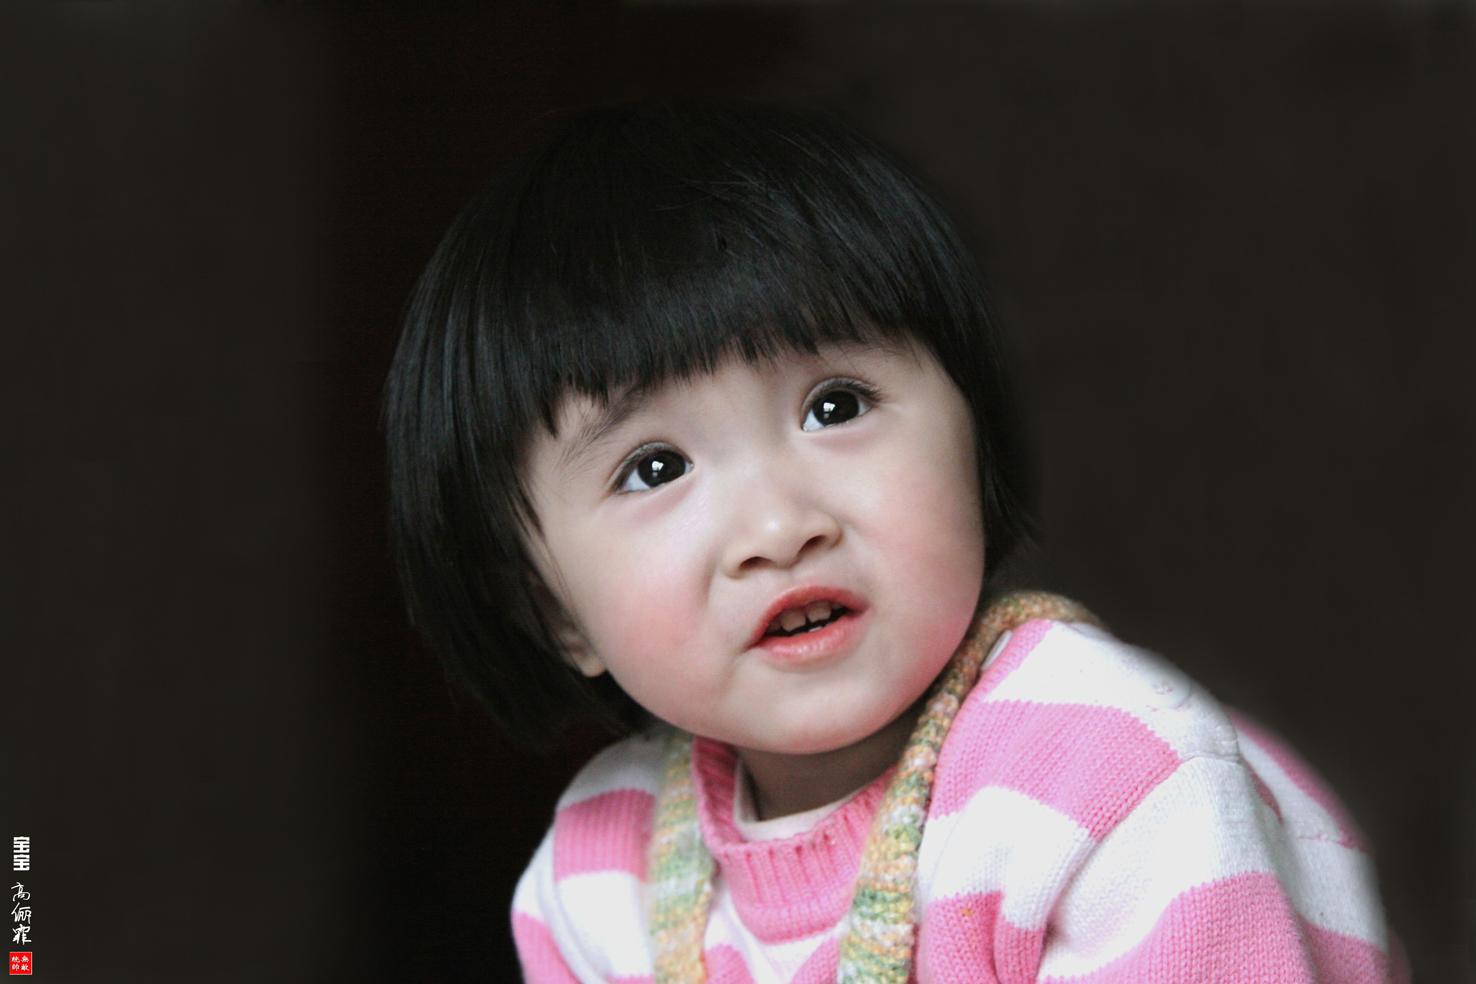 :大眼睛的小姑娘